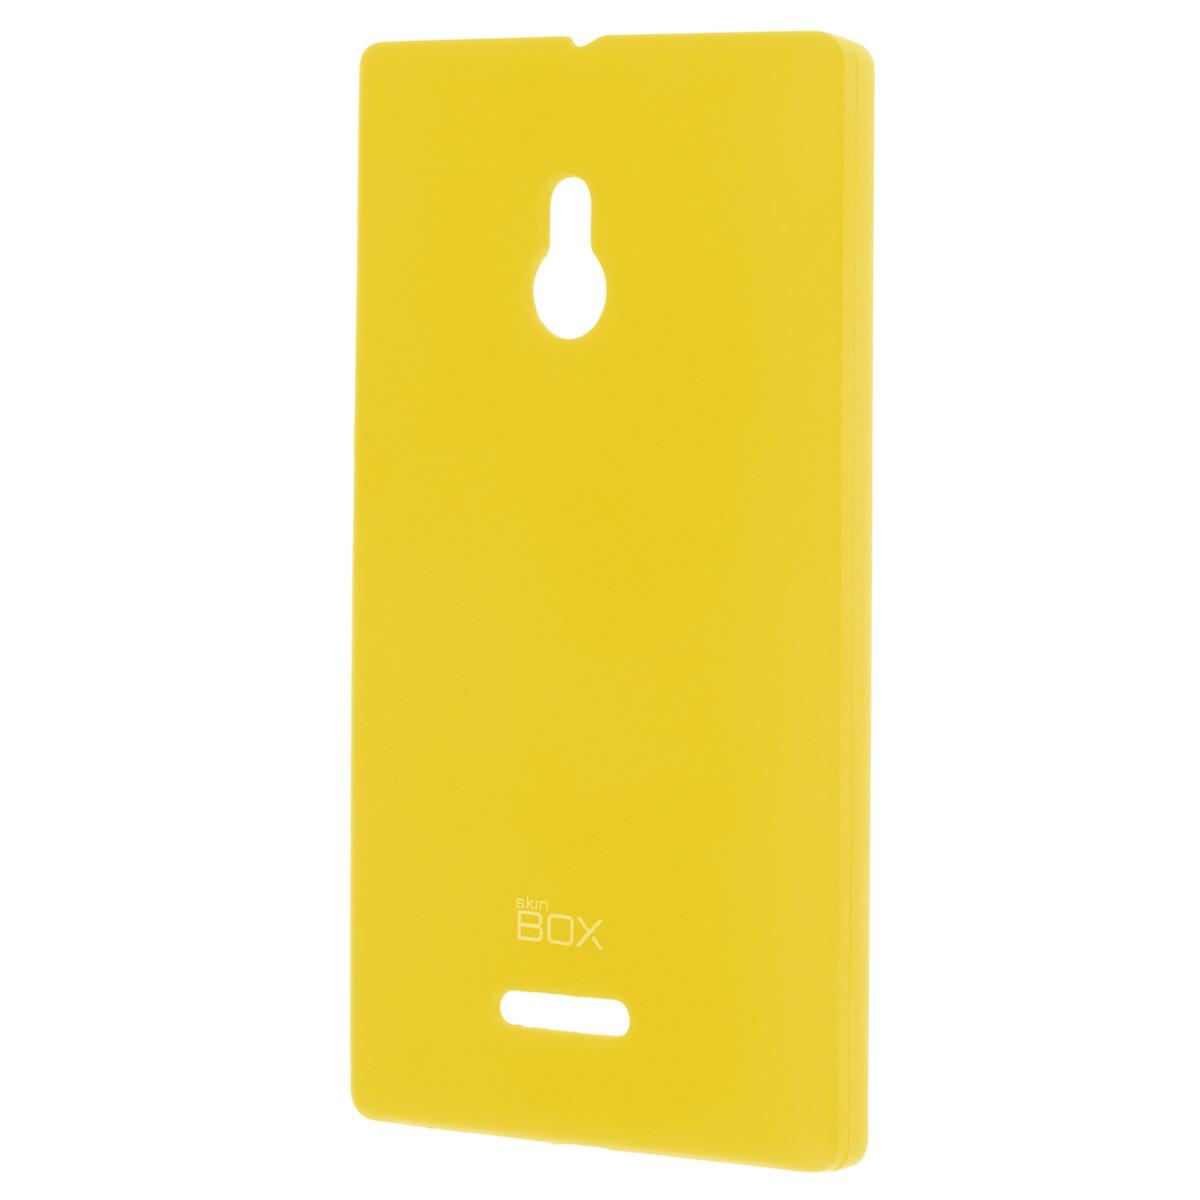 Skinbox Shield 4People чехол для Nokia XL, YellowT-S-NXL-002Чехол Skinbox Shield 4People для Nokia XL предназначен для защиты корпуса смартфона от механических повреждений и царапин в процессе эксплуатации. Имеется свободный доступ ко всем разъемам и кнопкам устройства. В комплект также входит защитная пленка на экран телефона.